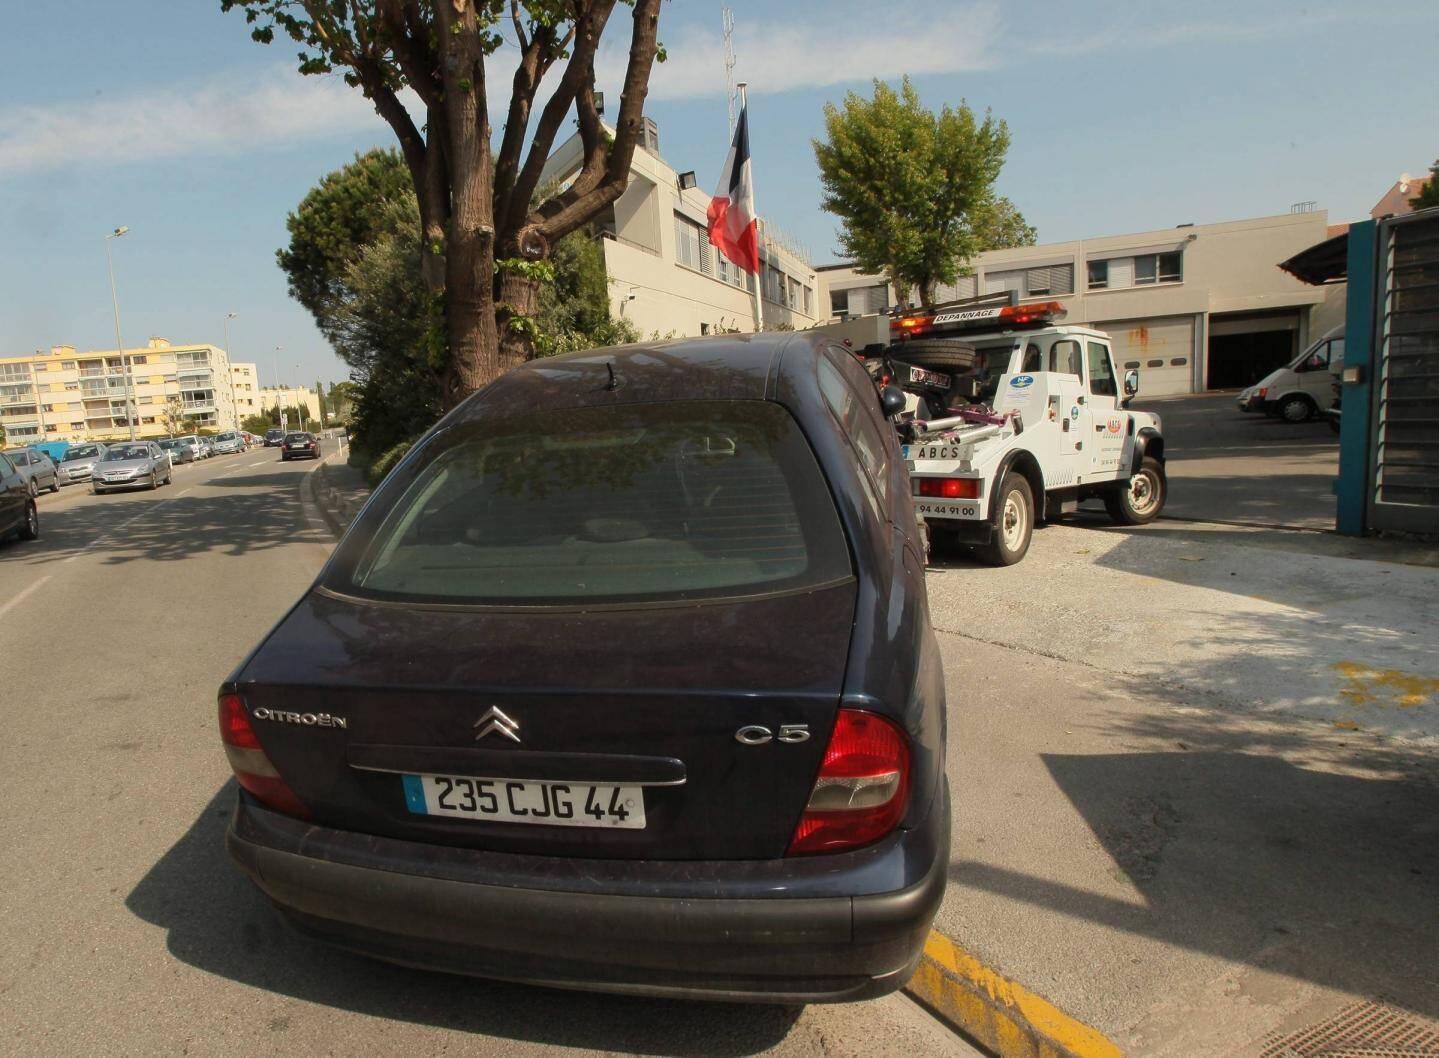 La voiture de Xavier Dupont de Ligonnès a été retrouvée sur le parking de l'hôtel Formule 1 de Roquebrune-sur-Argens, au bord de l'autoroute A8, à la mi-avril 2011. (Photos Patrick Clementé, DR)